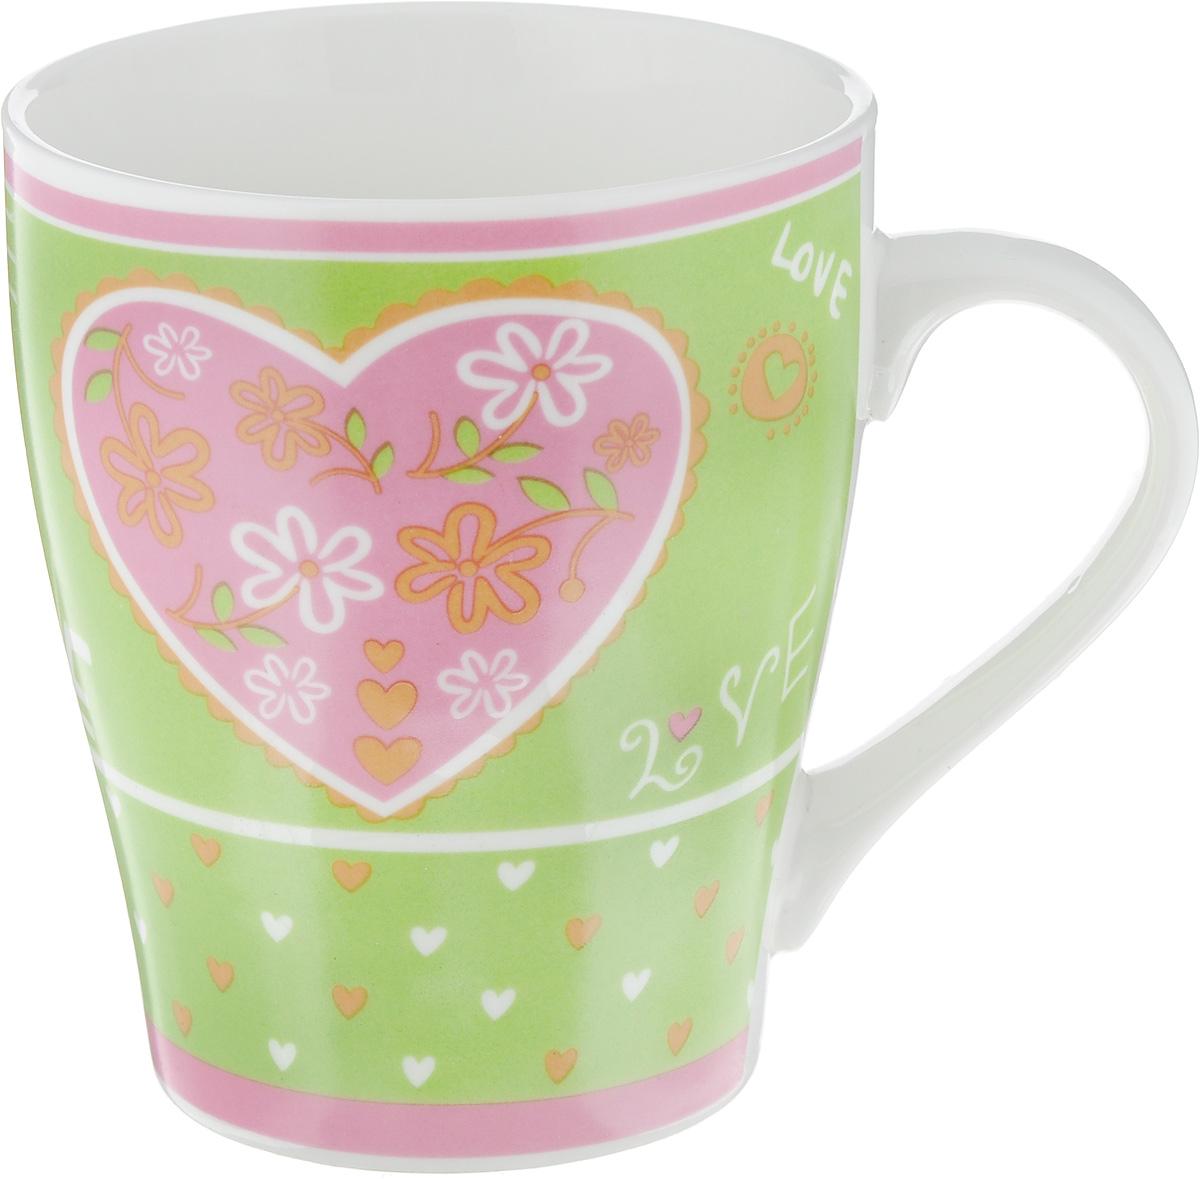 Кружка Loraine Сердце, цвет: зеленый, 350 мл22113_зеленыйКружка Loraine изготовлена из прочного качественного костяного фарфора. Изделие оформлено красочным рисунком. Благодаря своим термостатическим свойствам, изделие отлично сохраняет температуру содержимого - морозной зимой кружка будет согревать вас горячим чаем, а знойным летом, напротив, радовать прохладными напитками. Такой аксессуар создаст атмосферу тепла и уюта, настроит на позитивный лад и подарит хорошее настроение с самого утра. Это оригинальное изделие идеально подойдет в подарок близкому человеку. Диаметр (по верхнему краю): 8,5 см.Высота кружки: 10 см.